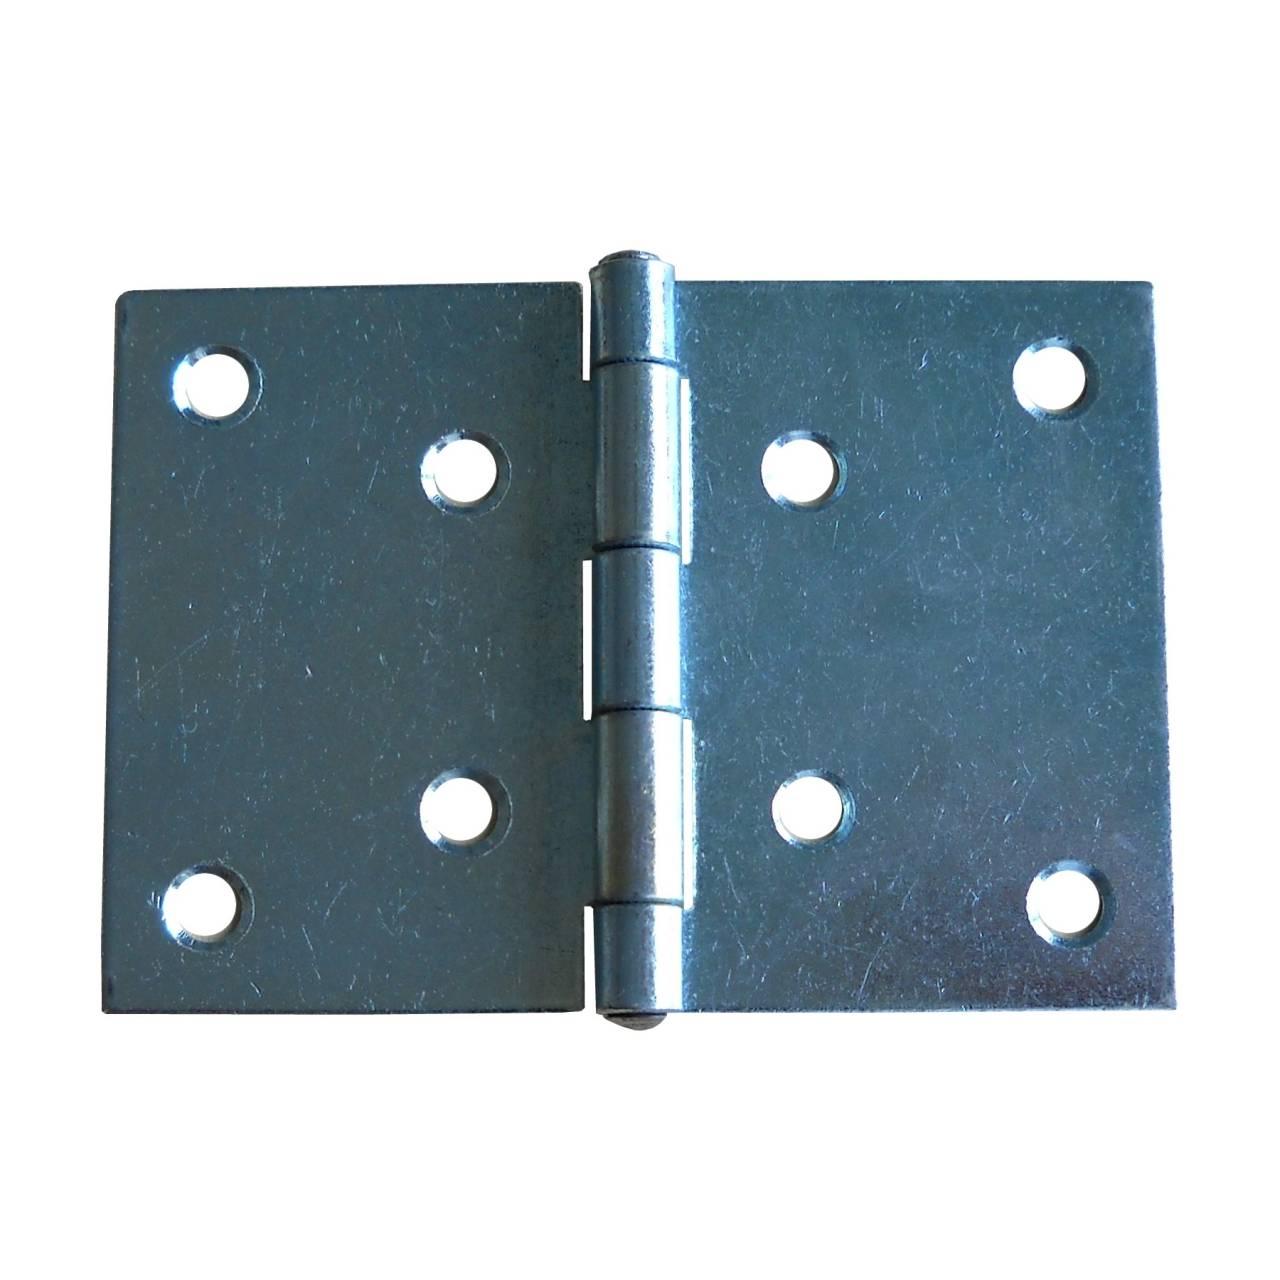 Scharnier vz 90 x 133 x 1,5 mm / Pck a 2 Stück